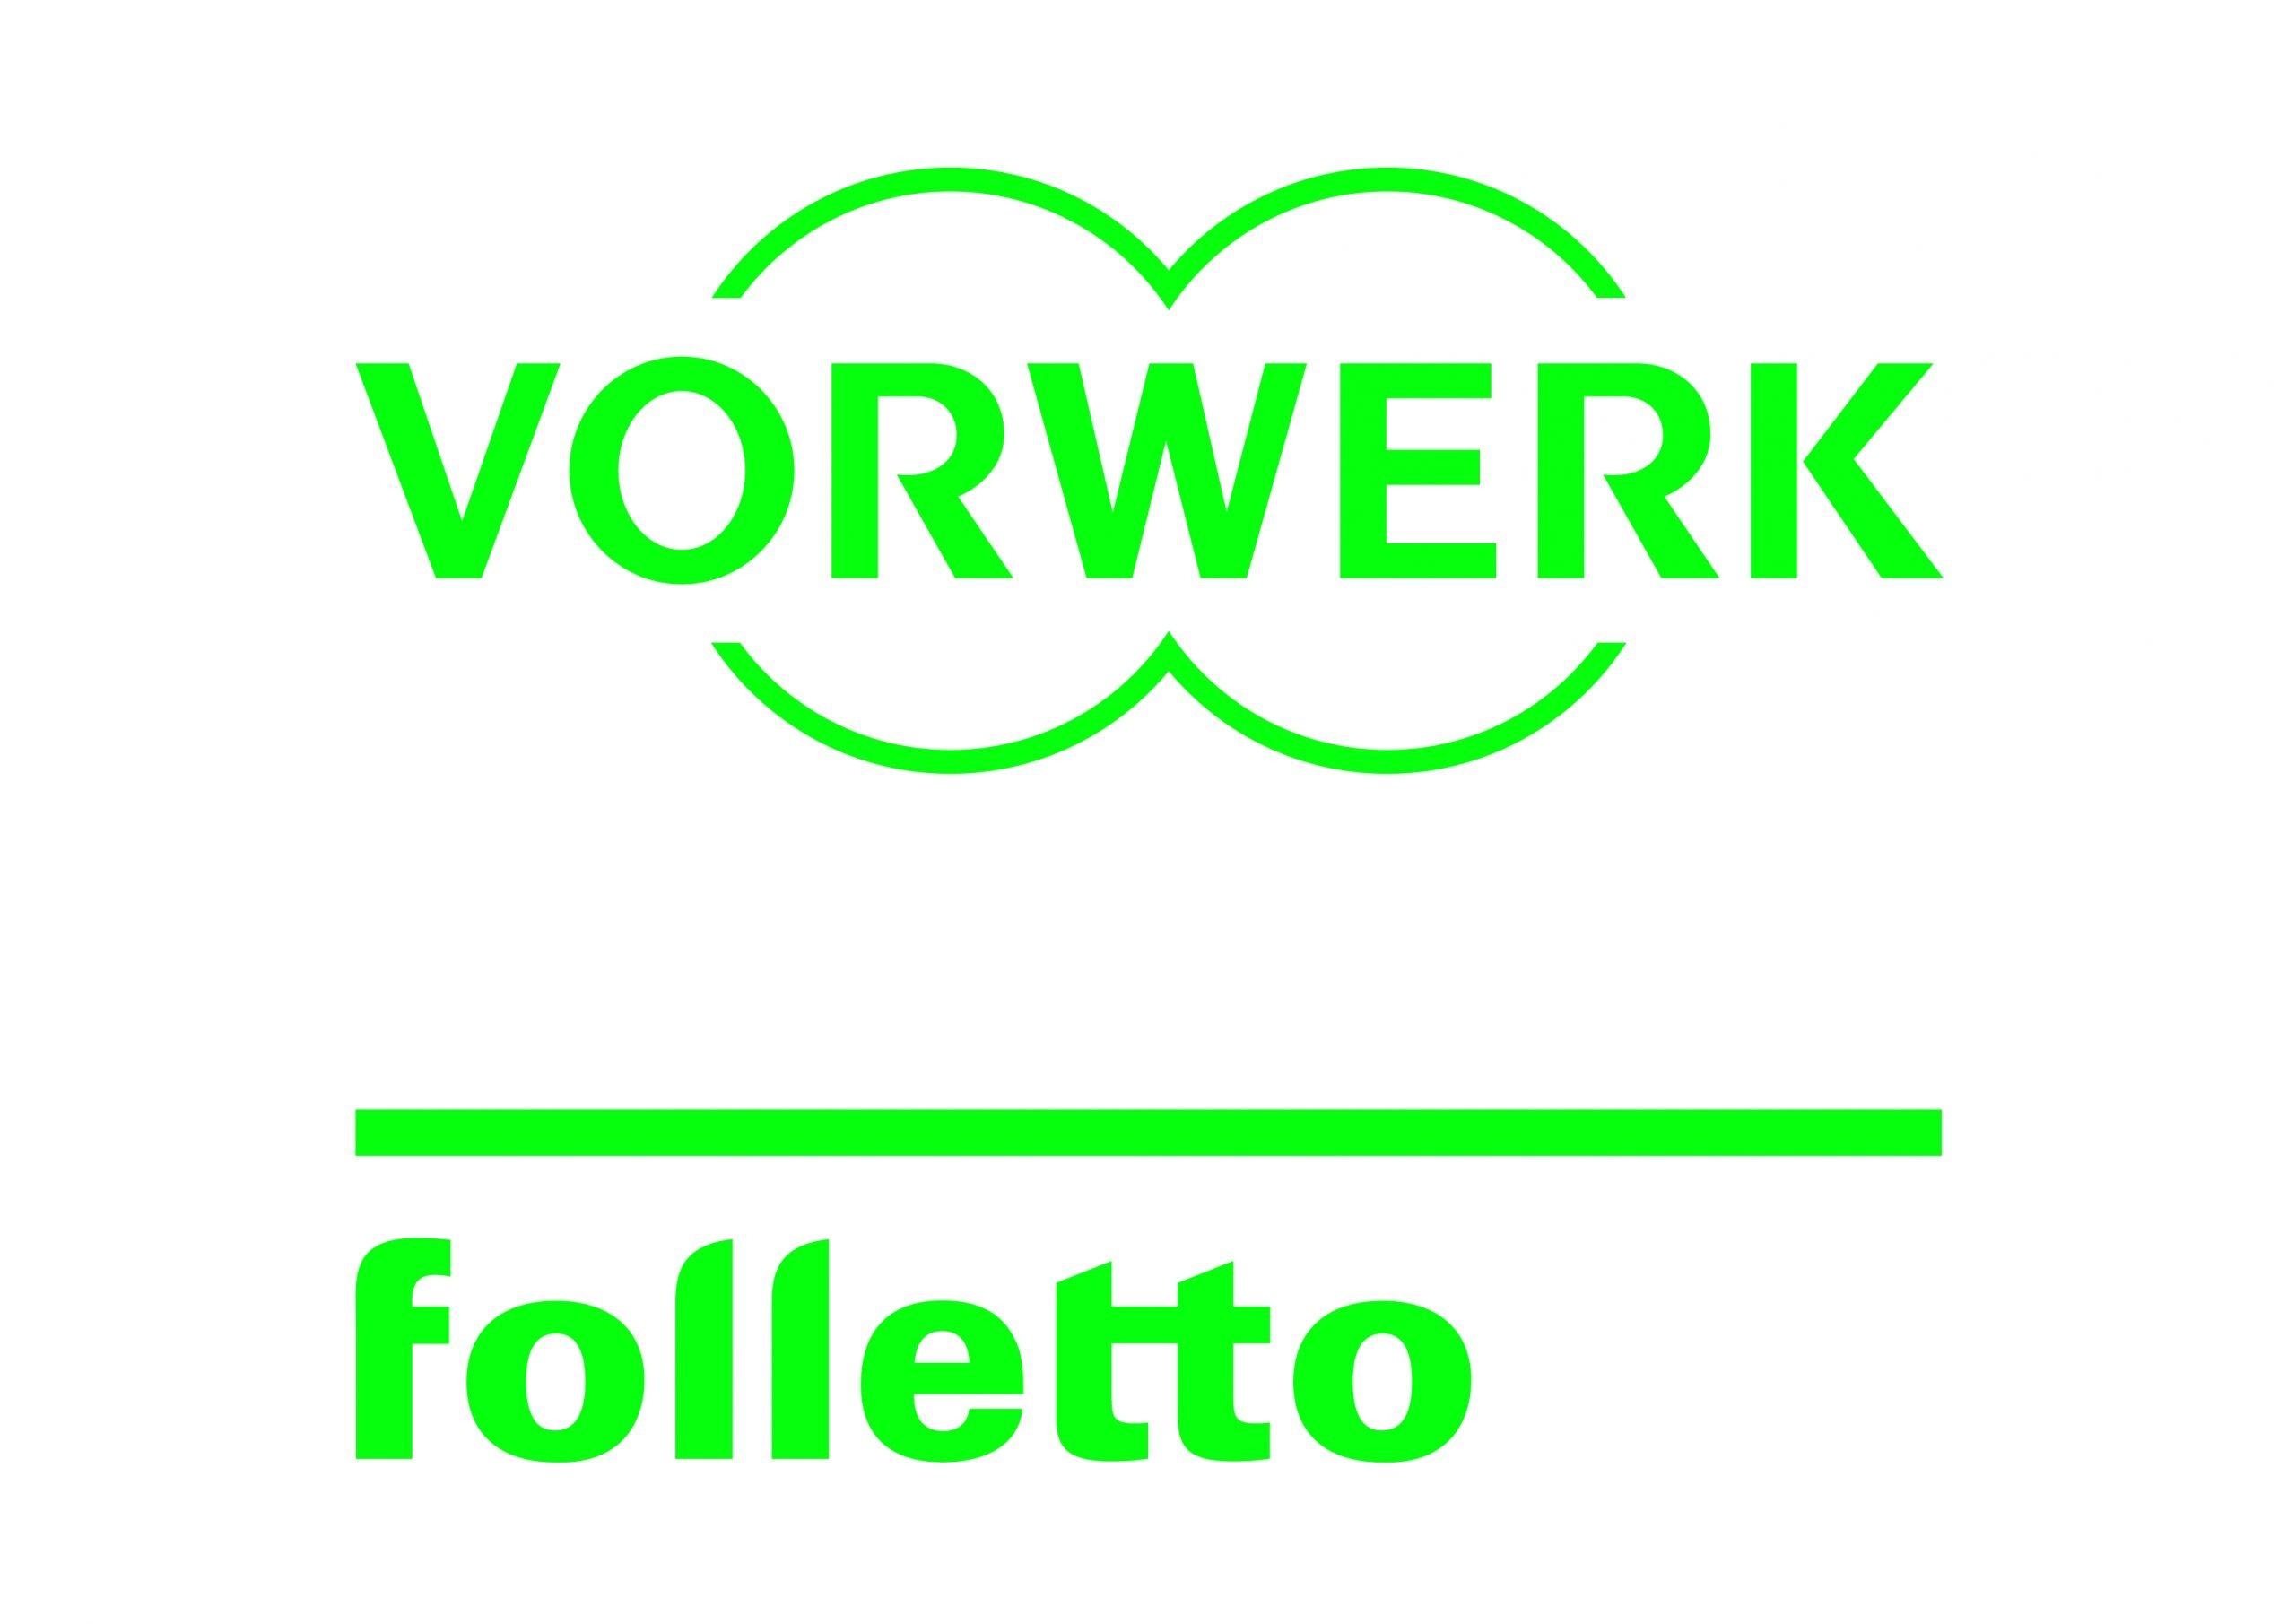 Festa Nazionale della Vendita Vorwerk Folletto